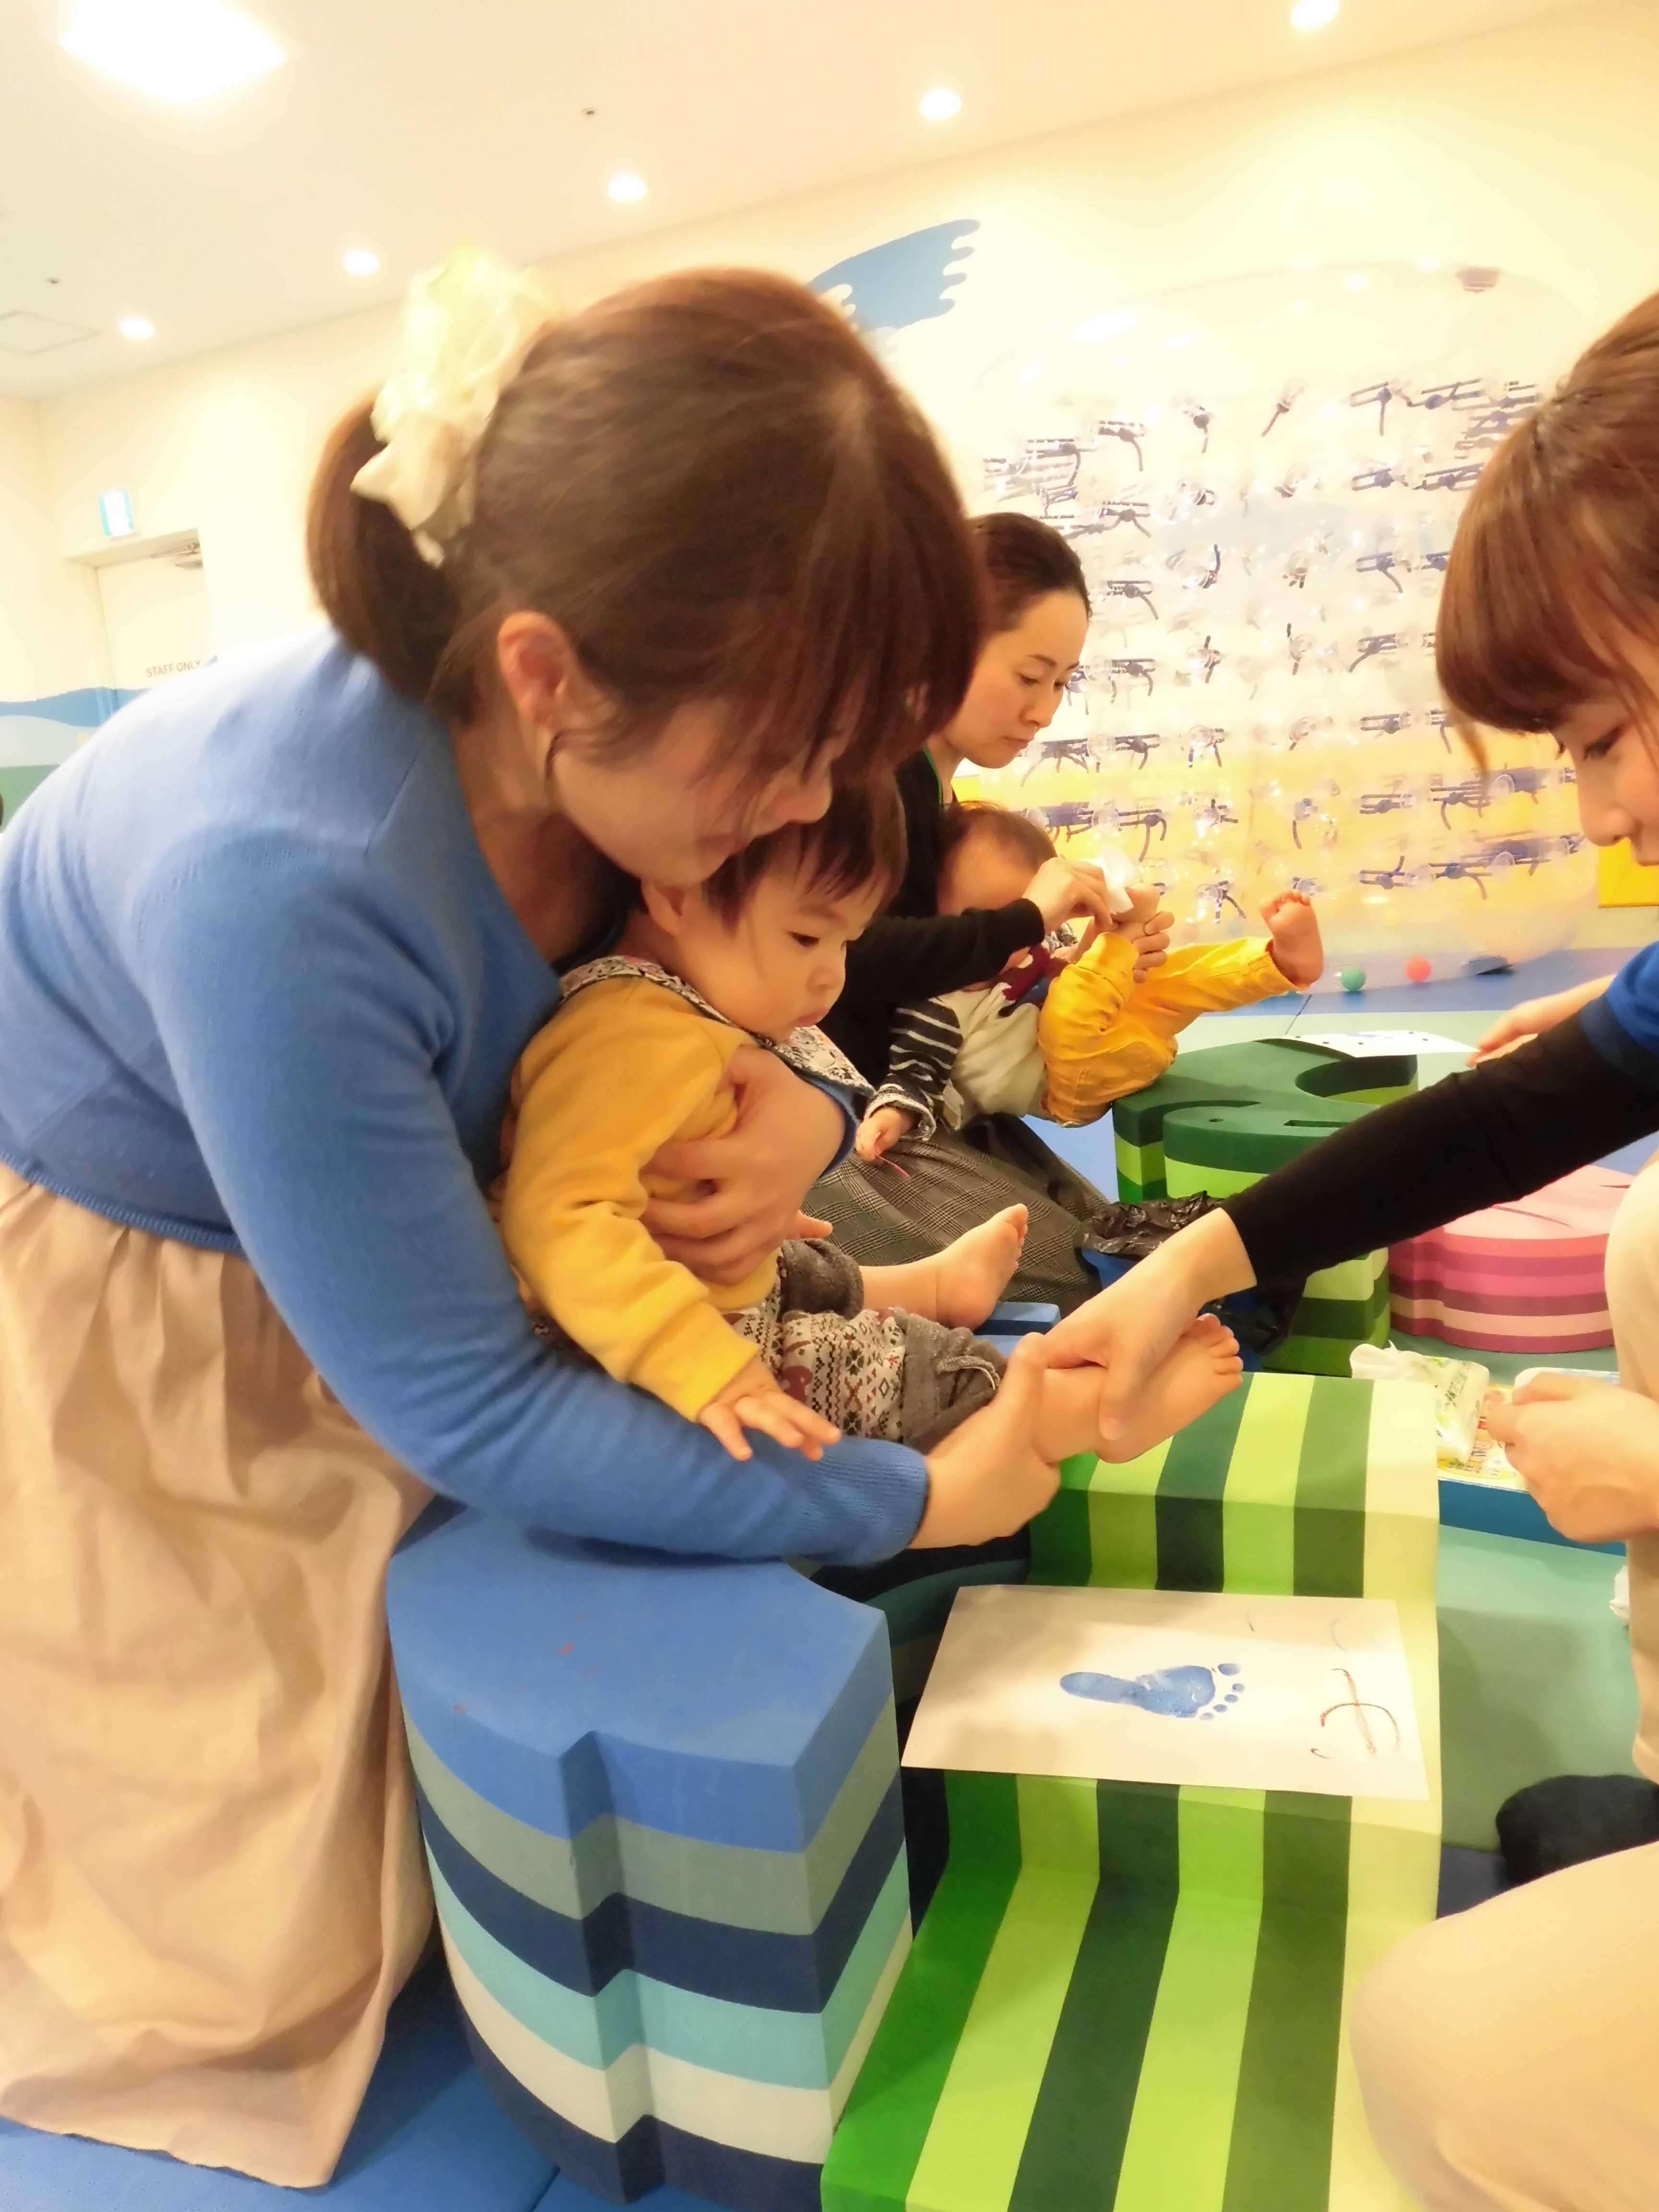 【毎週木曜日は赤ちゃんの日】手形・足形でバレンタインのプレゼントづくり☆